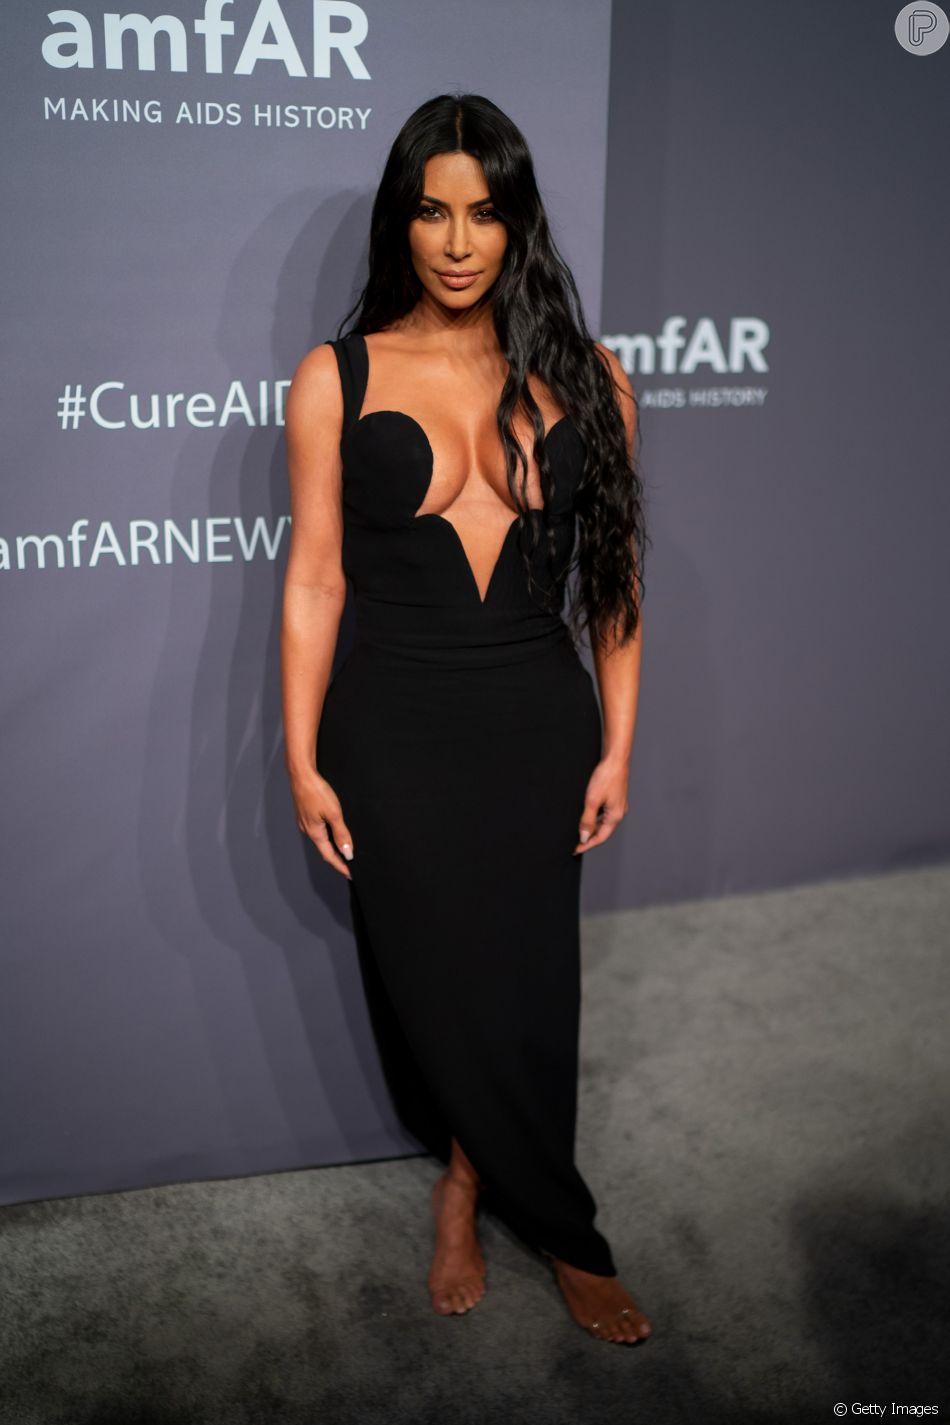 No Baile da amfAR, que aconteceu no dia 6 de fevereiro de 2019, Kim Kardashian apostou no vestido preto com decote superprofundo da Versace